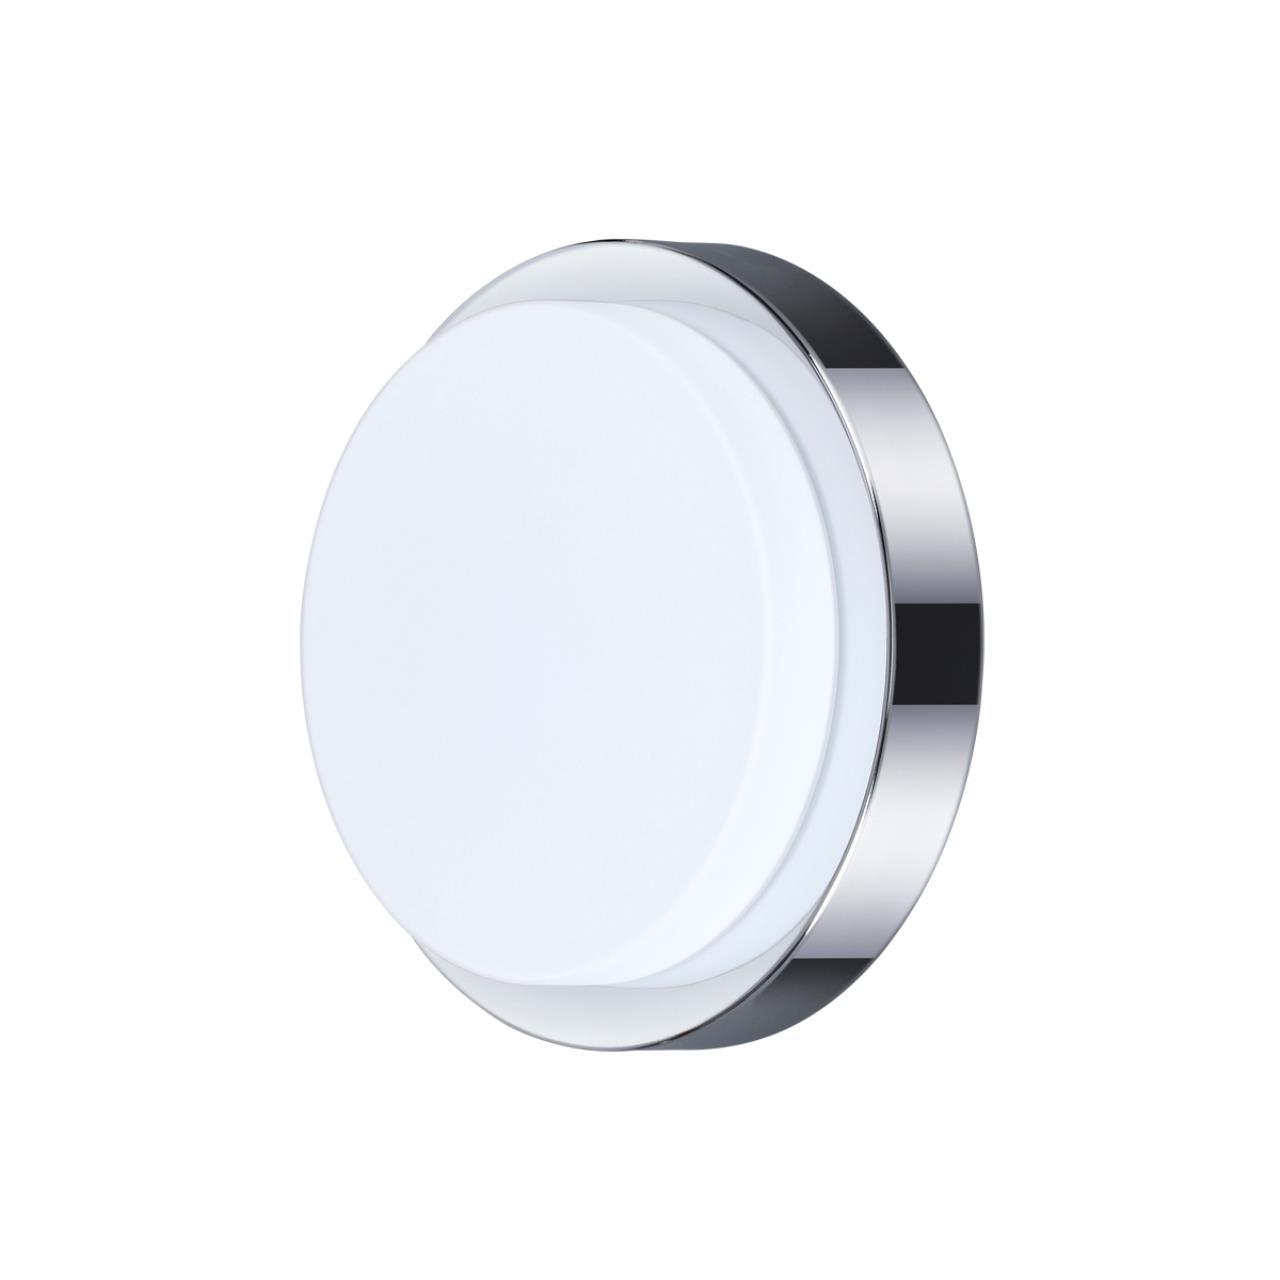 2746/1C DROPS ODL15 661 хром/стекло Н/п светильник IP44 E14 40W 220V HOLGER